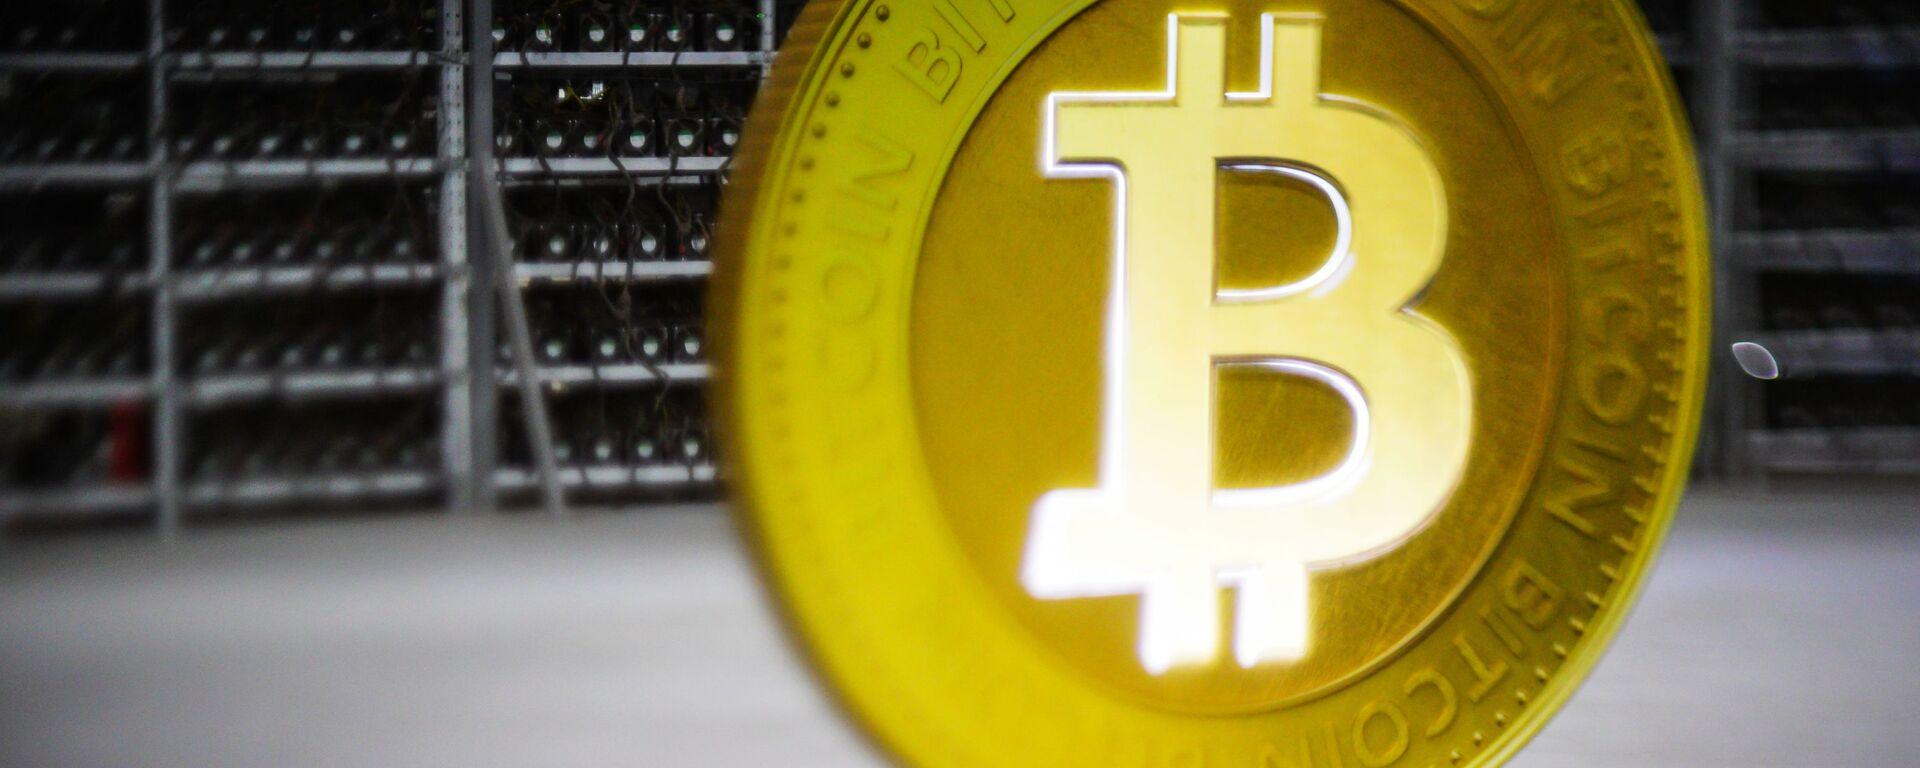 Bitcoin - Sputnik Česká republika, 1920, 23.08.2021